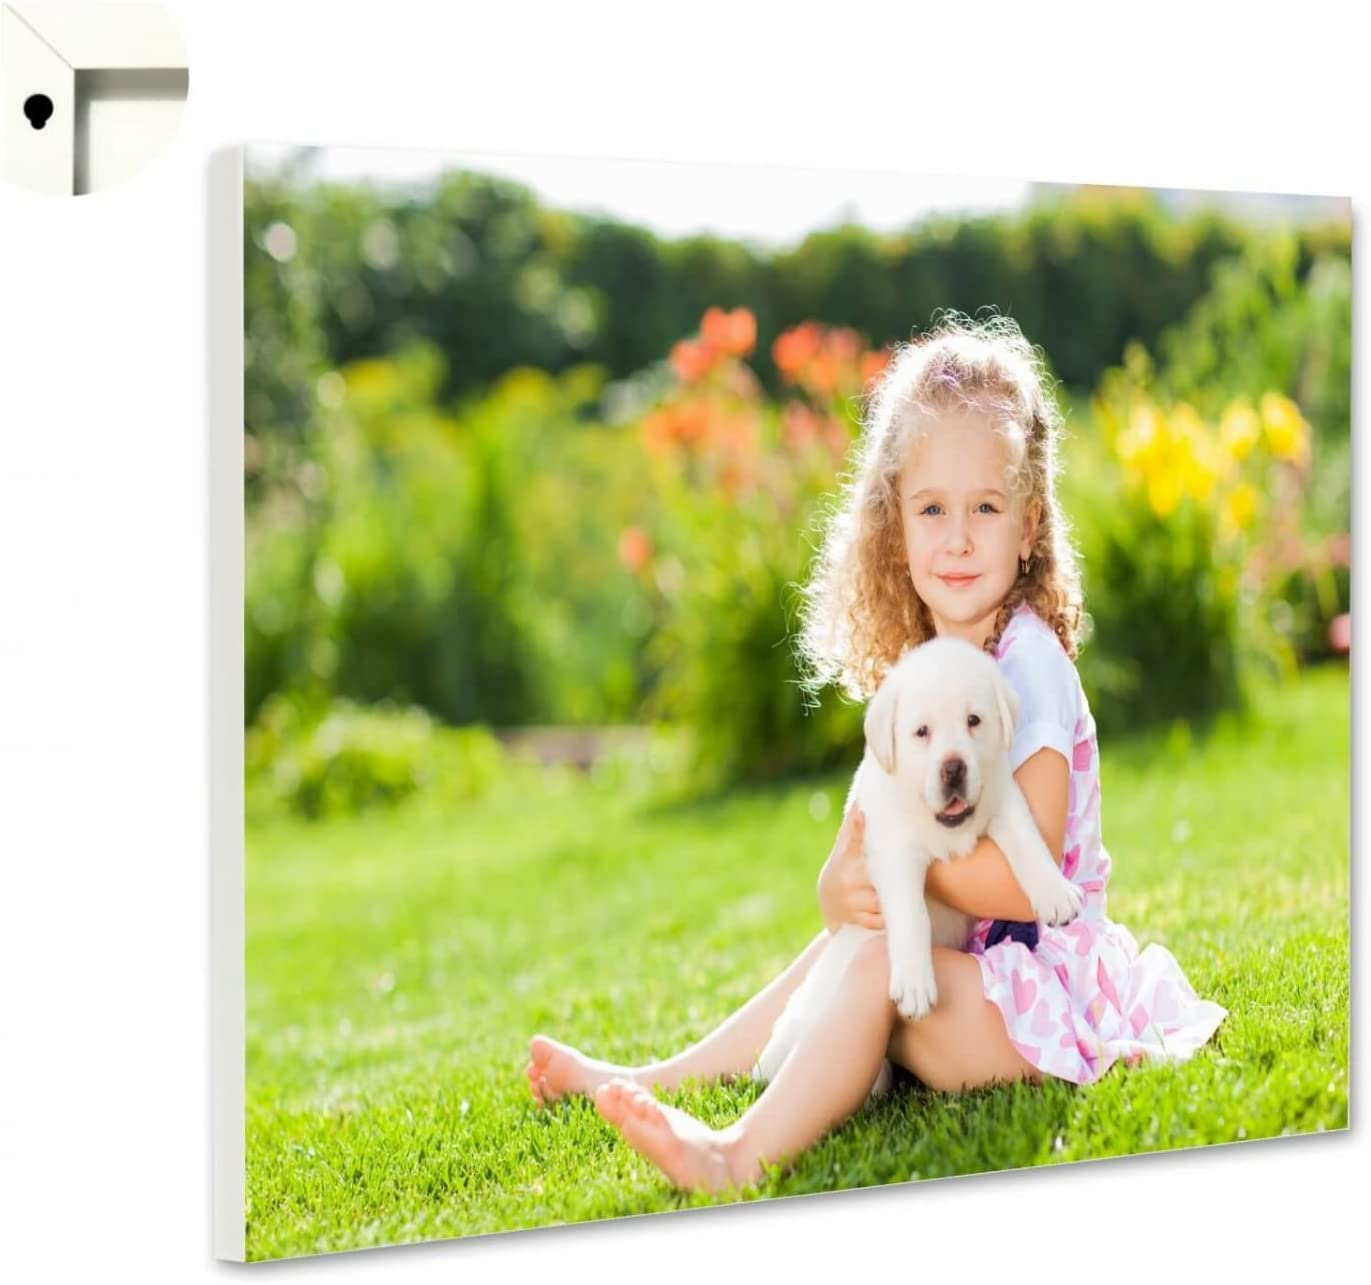 Magnettafel Pinnwand mit Wunschmotiv Ihr eigenes Foto Bild Motiv Gr/ö/ße 100 x 80 cm